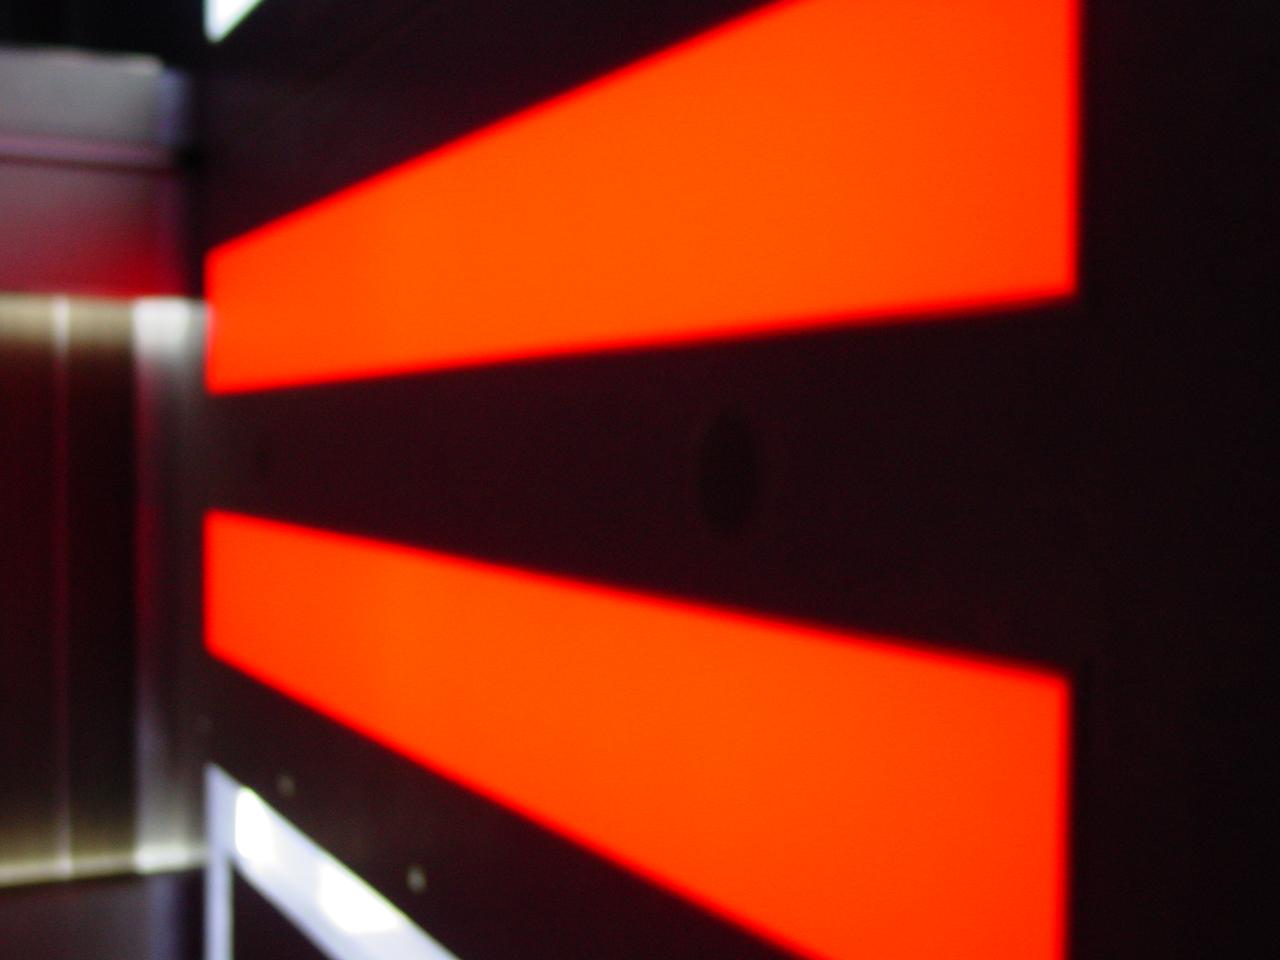 Sistem de iluminare - Hotel Ramada CARALUX - Poza 35